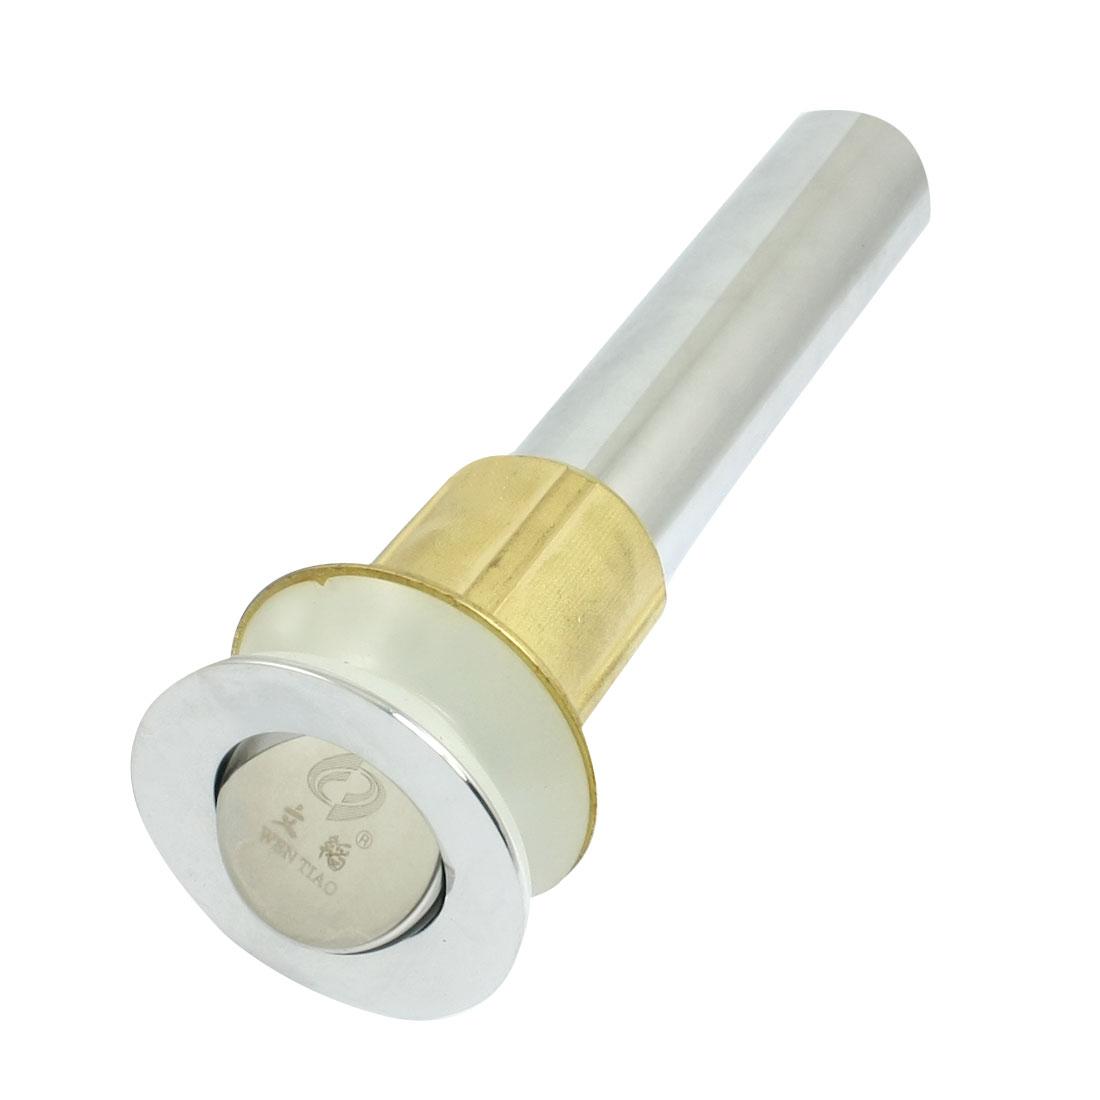 Bathroom Kitchen Stainless Steel Brass Pop Up Water Liquid Drainer Sink Drain